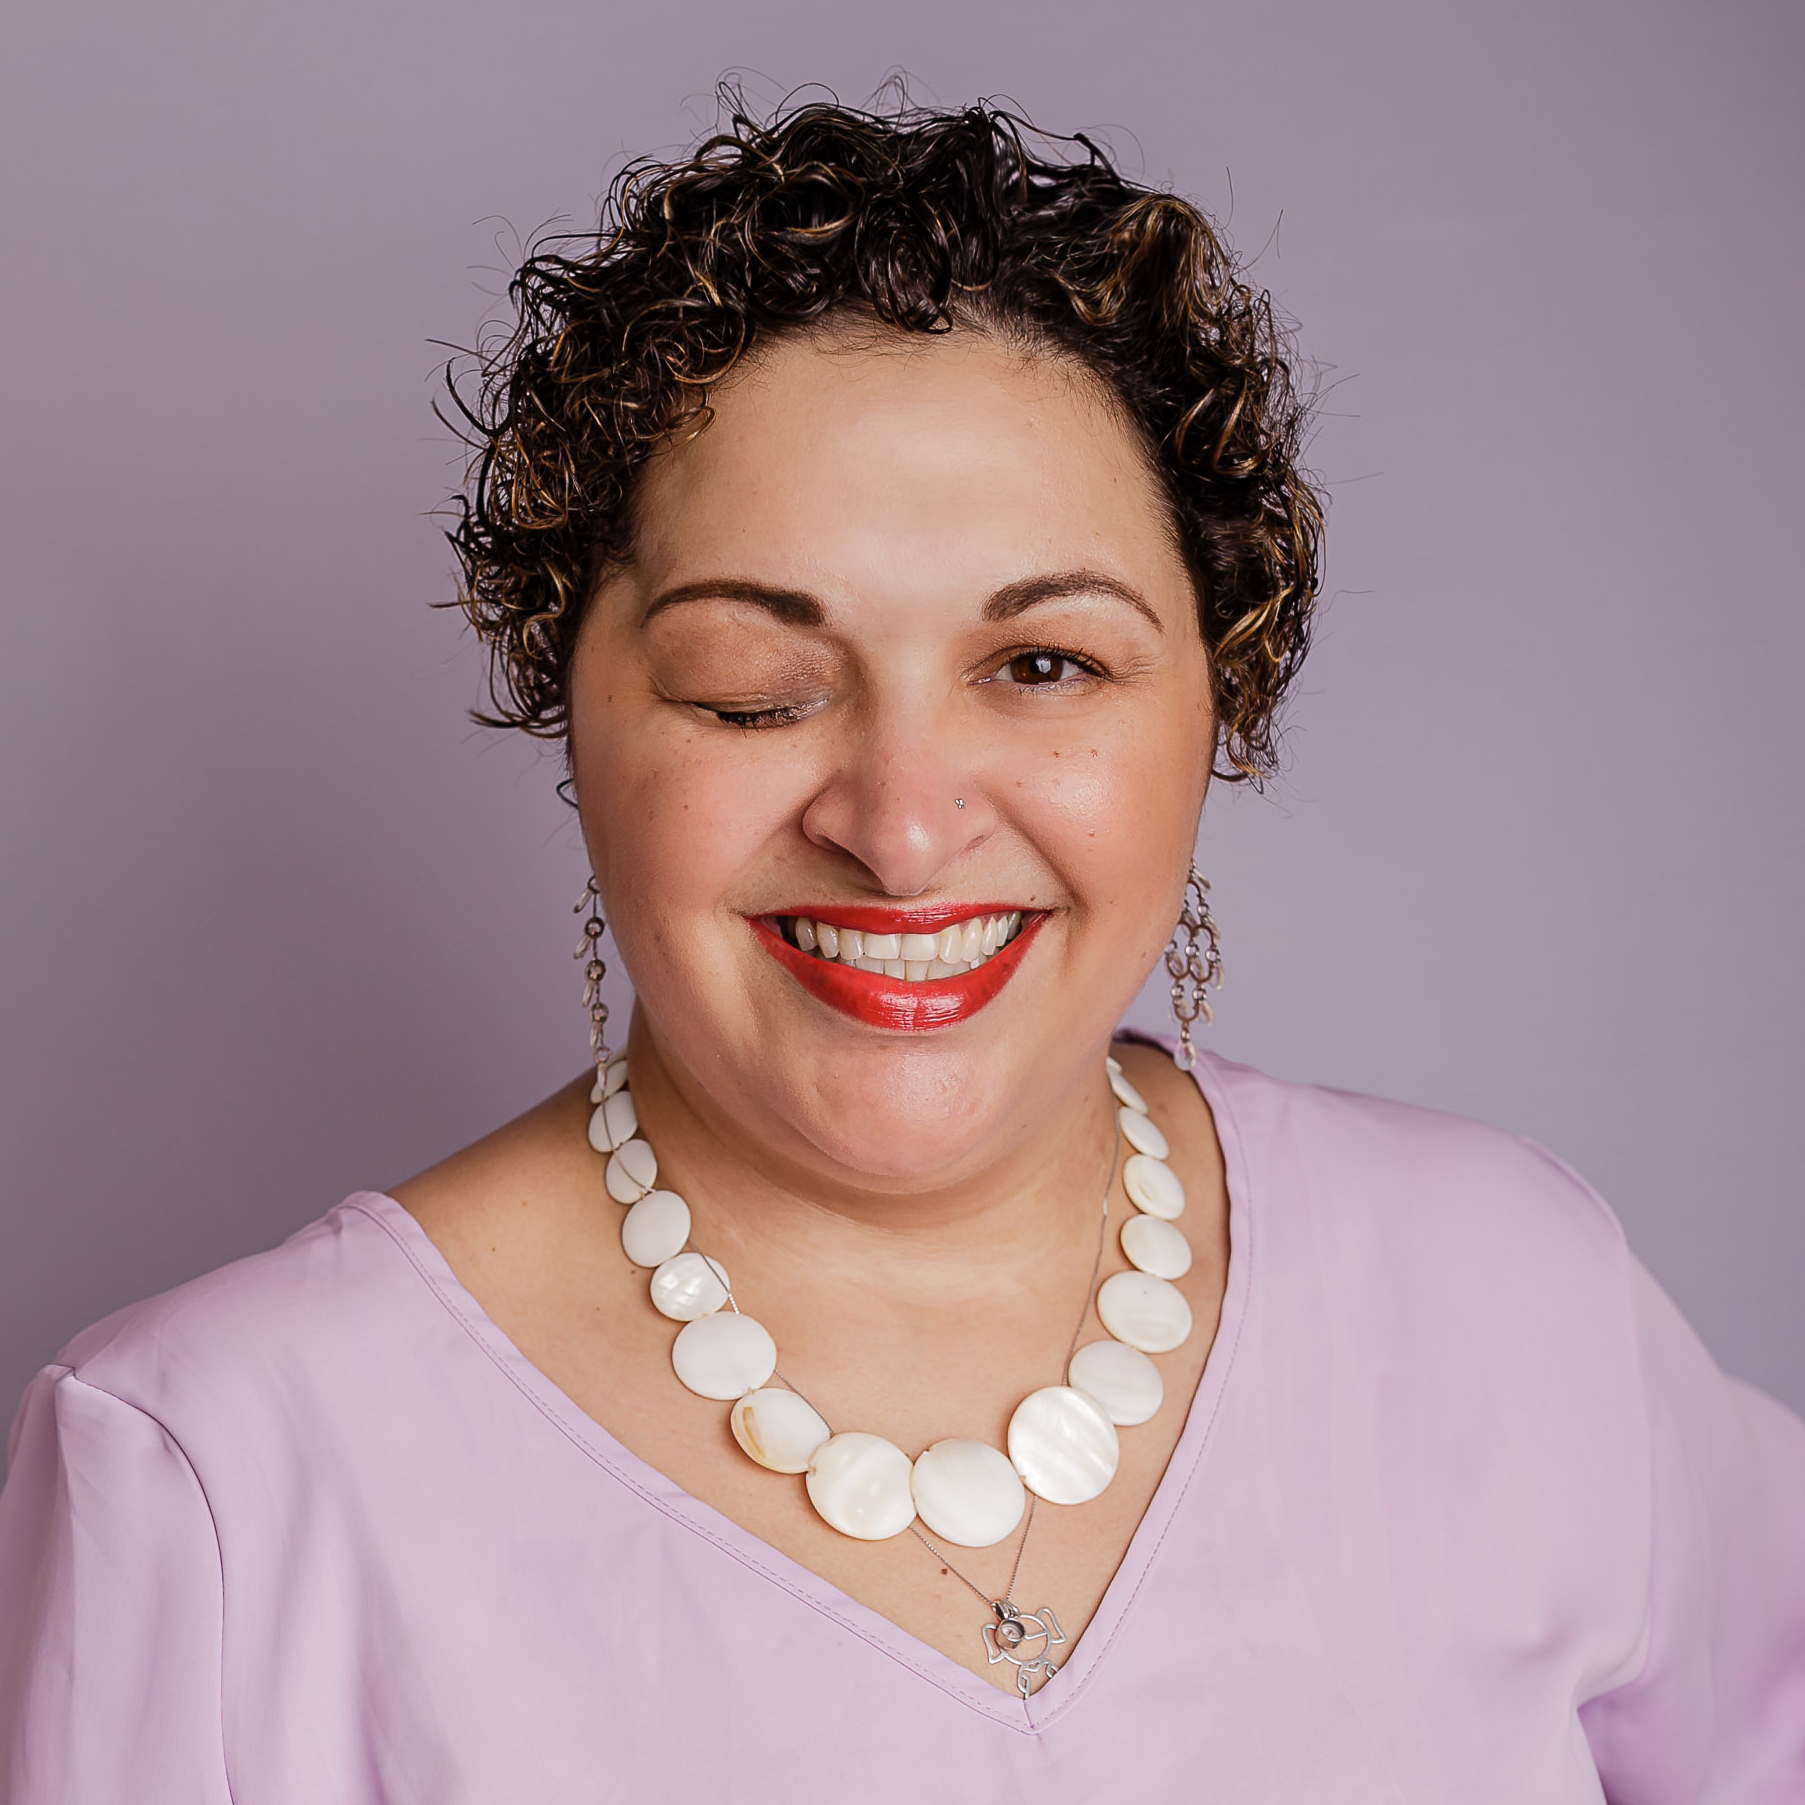 Mayra de Souza Machado